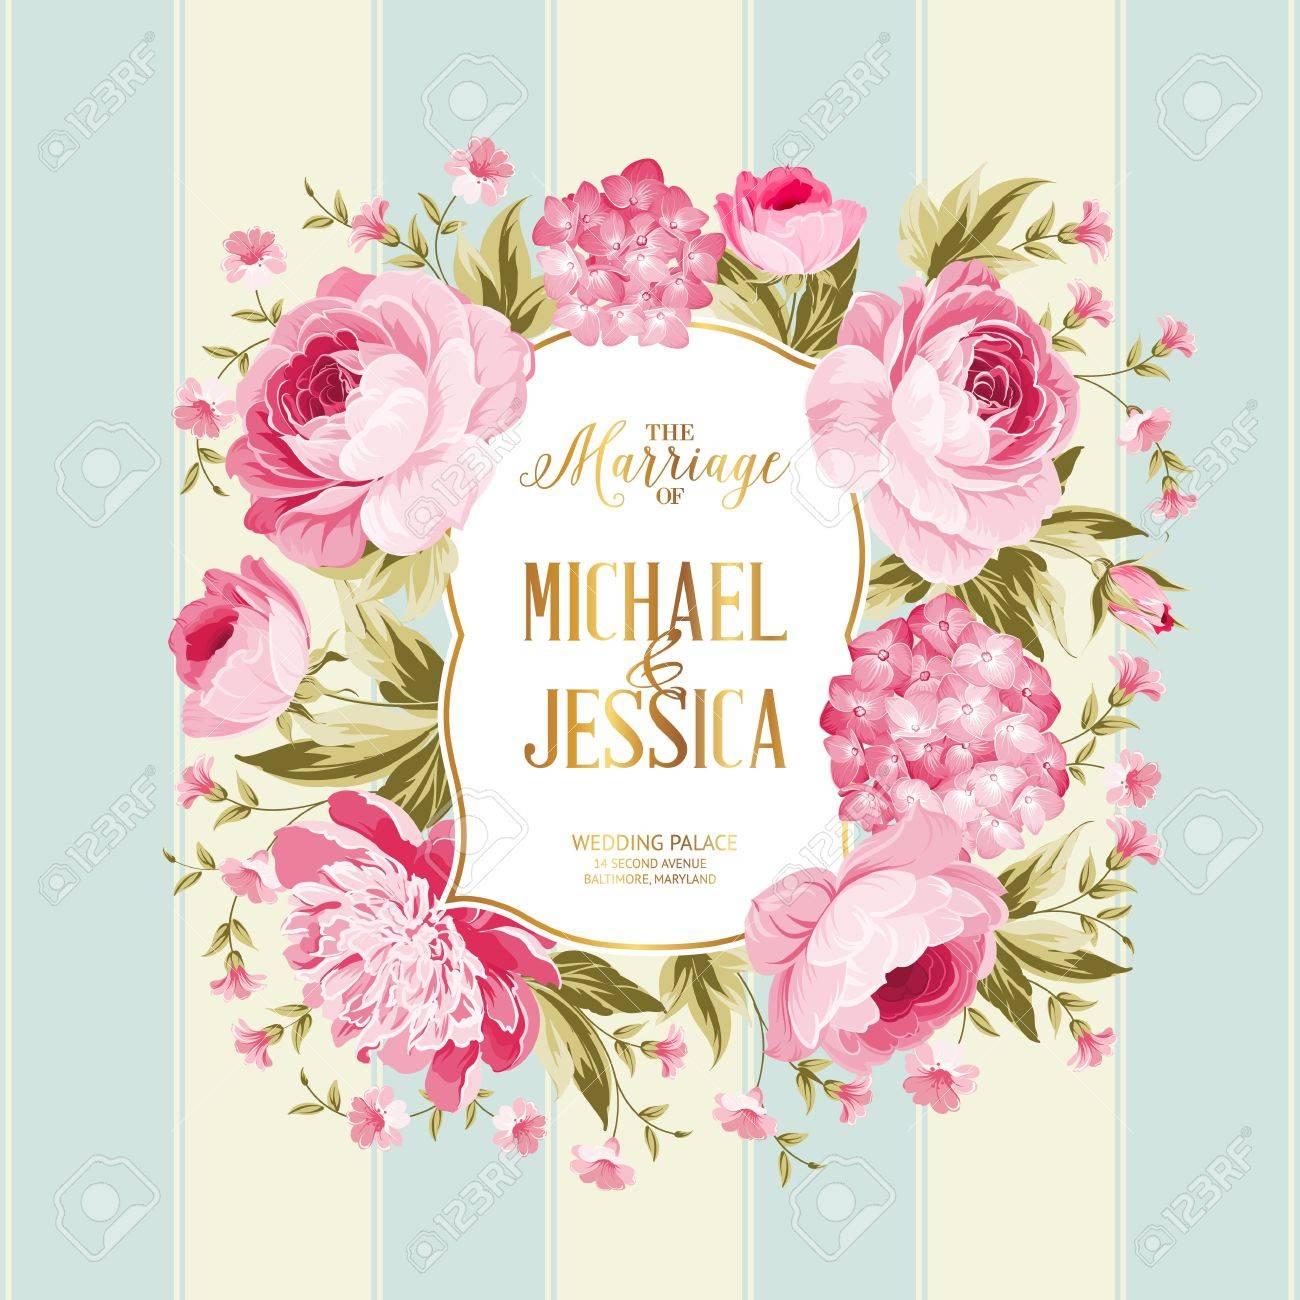 La Tarjeta De Matrimonio. Plantilla De La Tarjeta De La Invitación ...